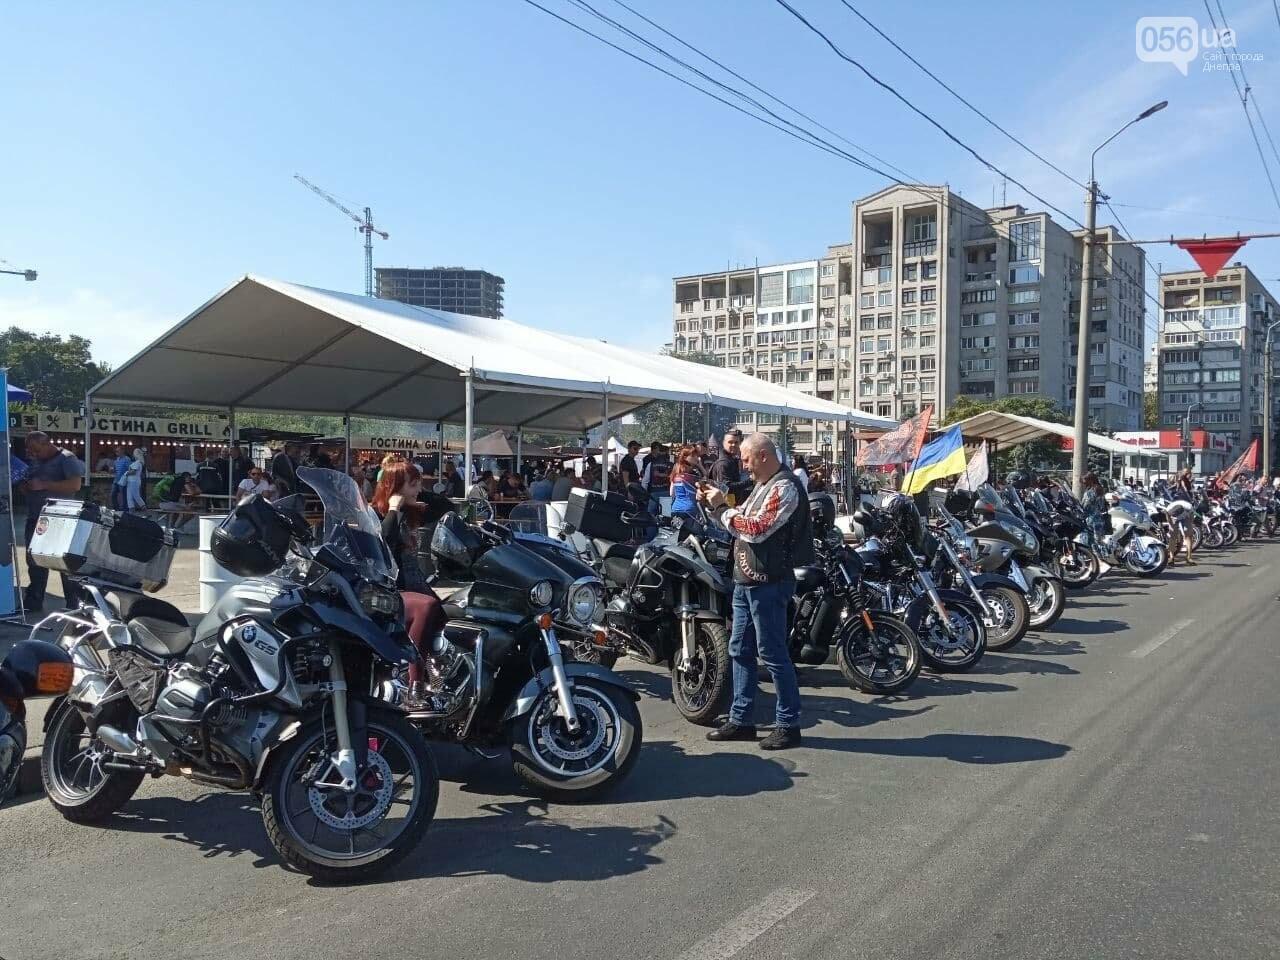 В Днепре байкеры сезон закрыли, но мотоциклы в гараж не поставили, - ФОТО, ВИДЕО, фото-1